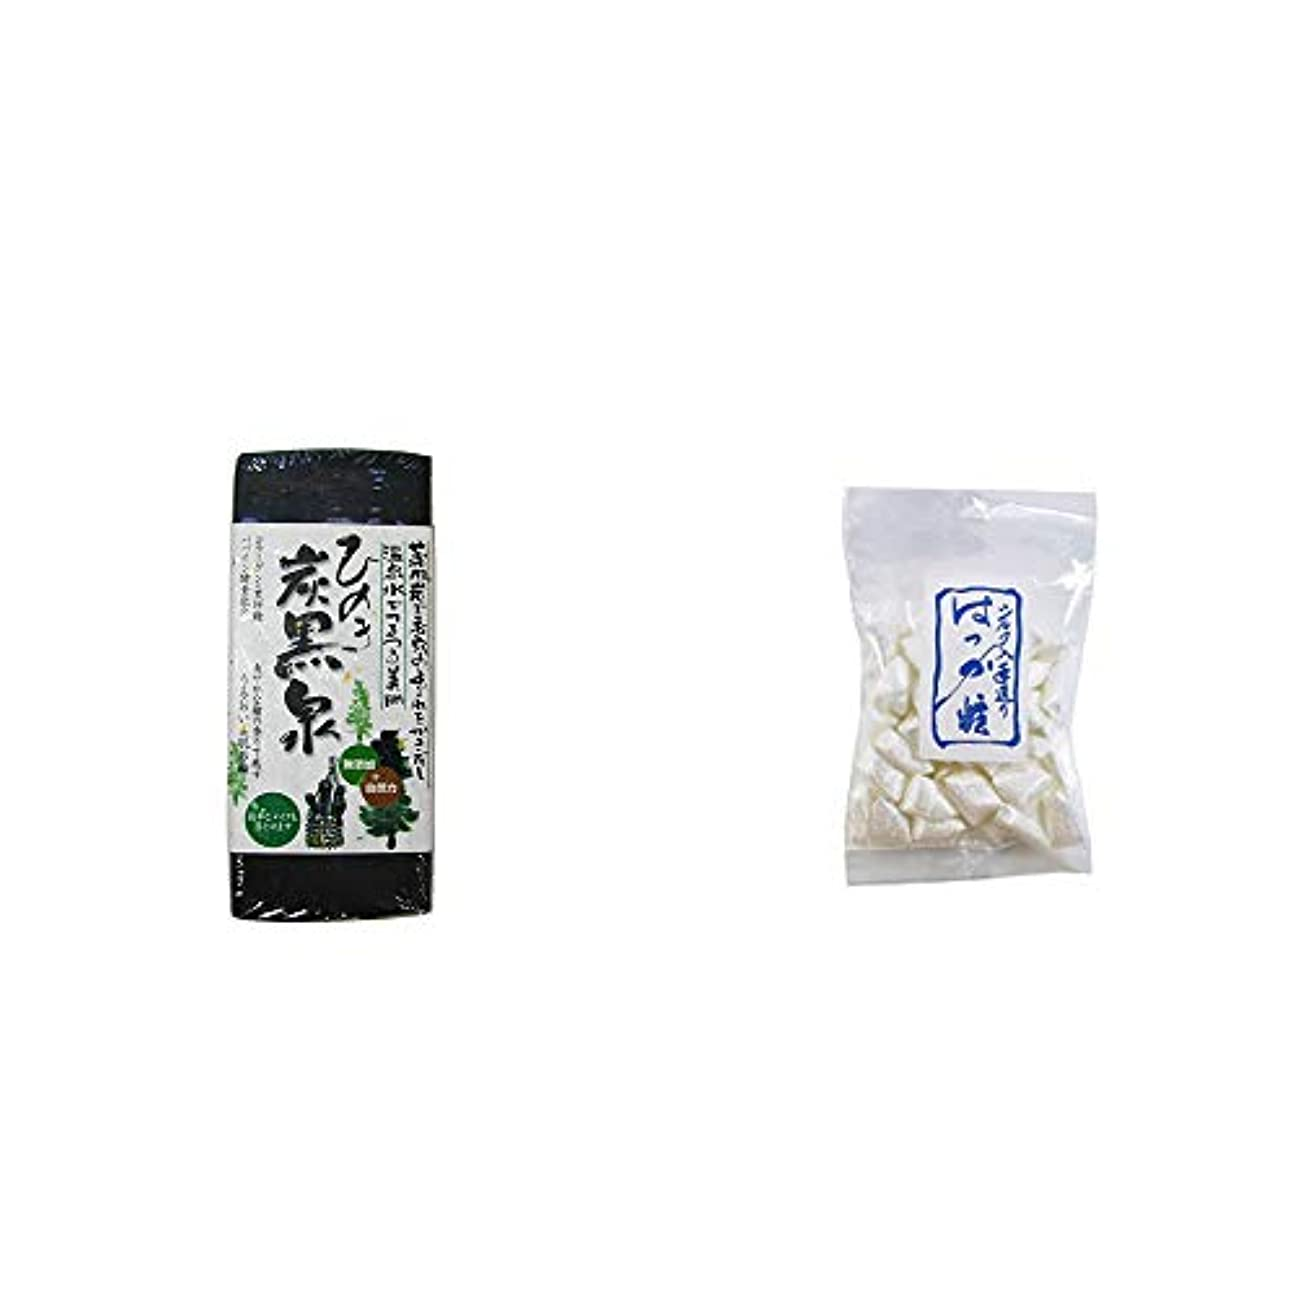 簡略化する害虫口実[2点セット] ひのき炭黒泉(75g×2)?シルクはっか糖(150g)